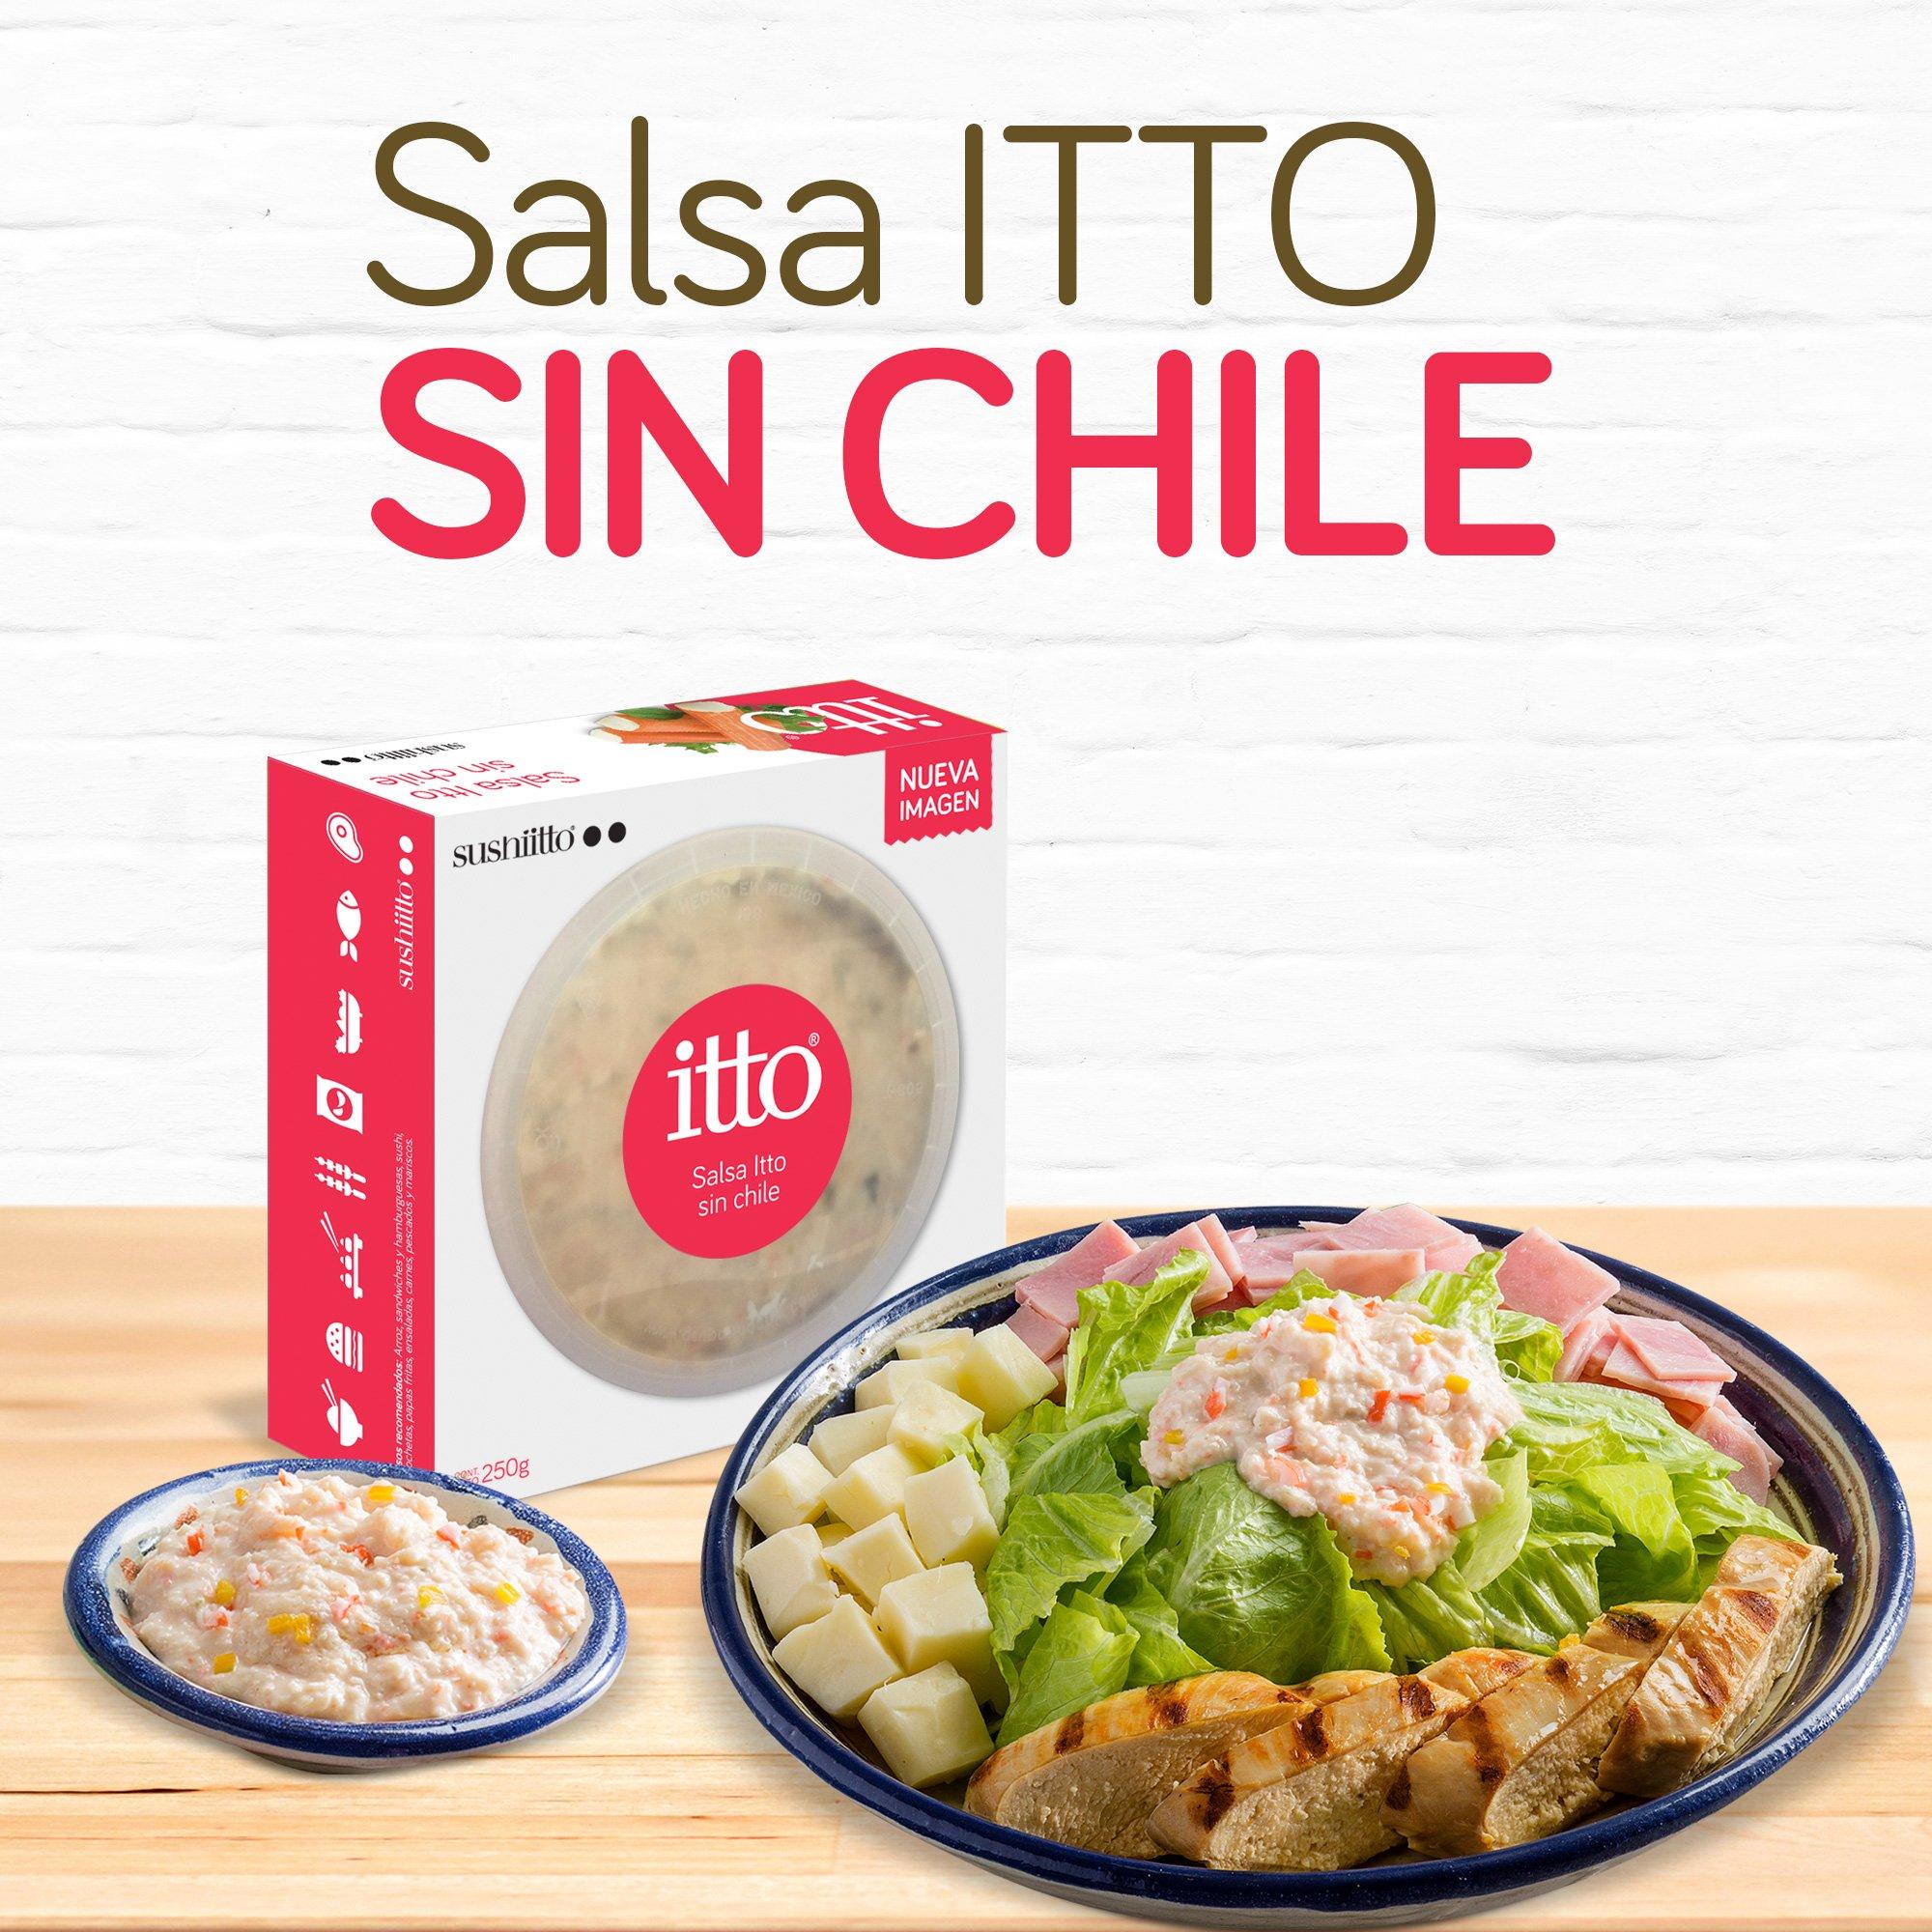 Salsa Itto sin Chile - Itto® México